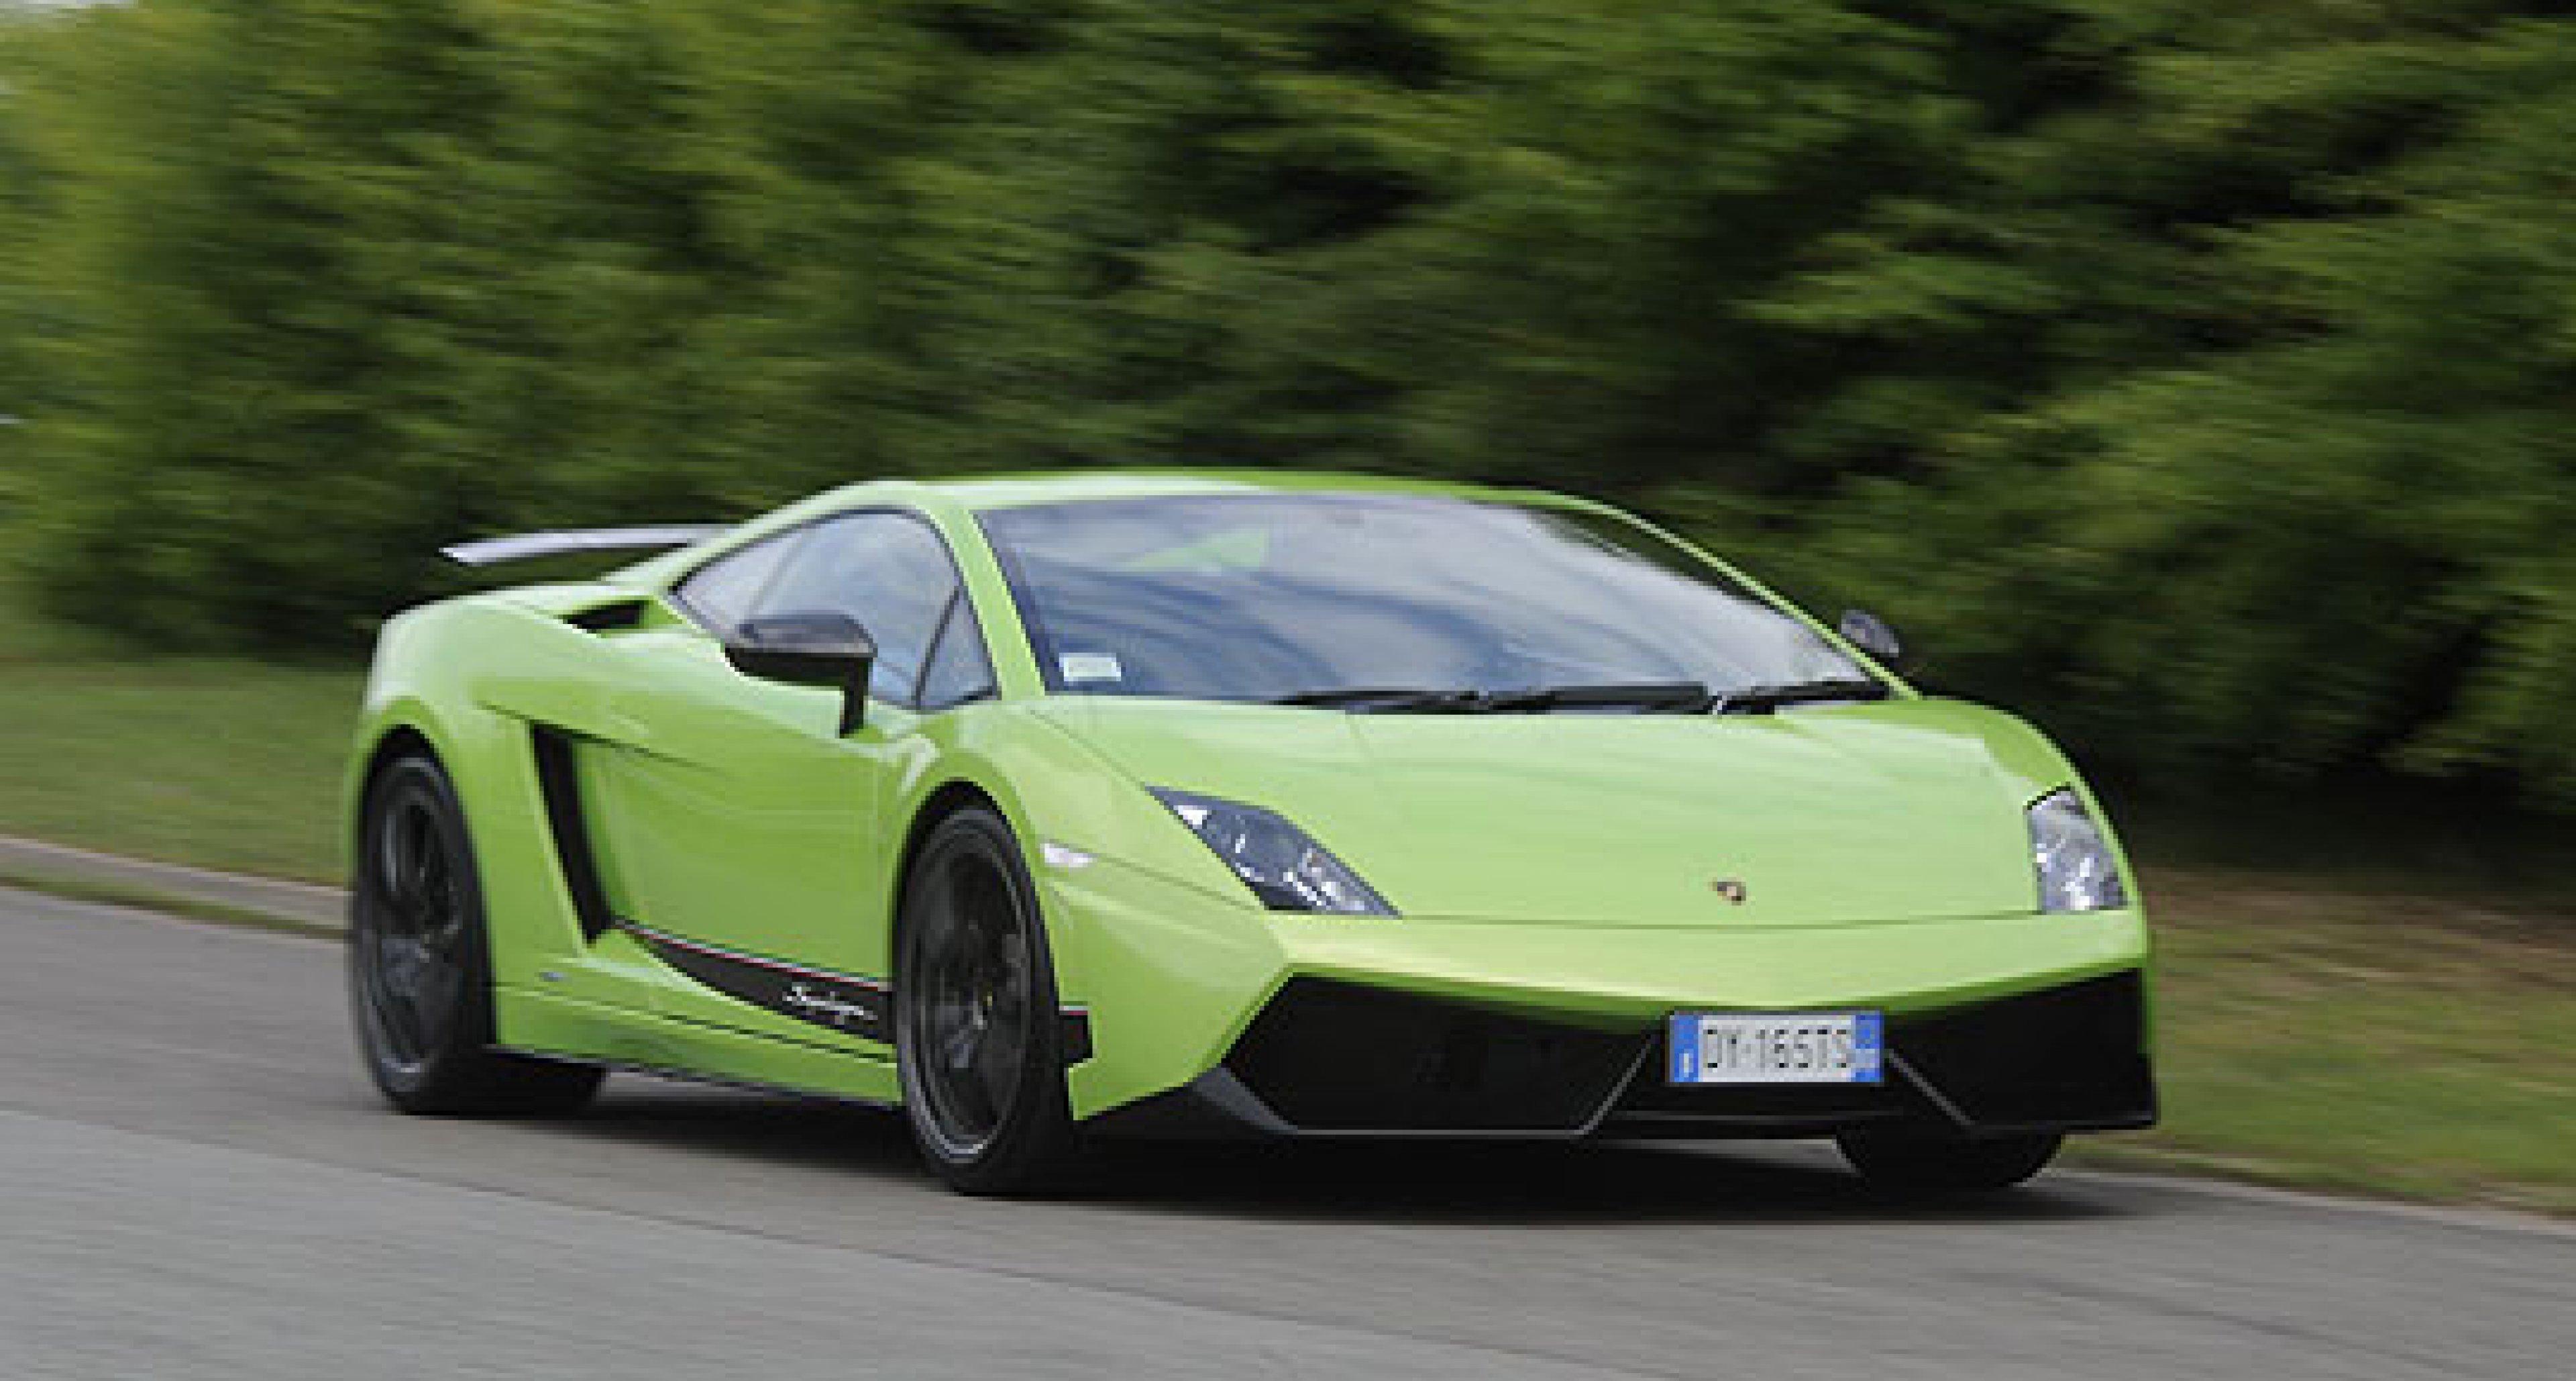 Driven: Lamborghini Gallardo LP 570-4 Superleggera